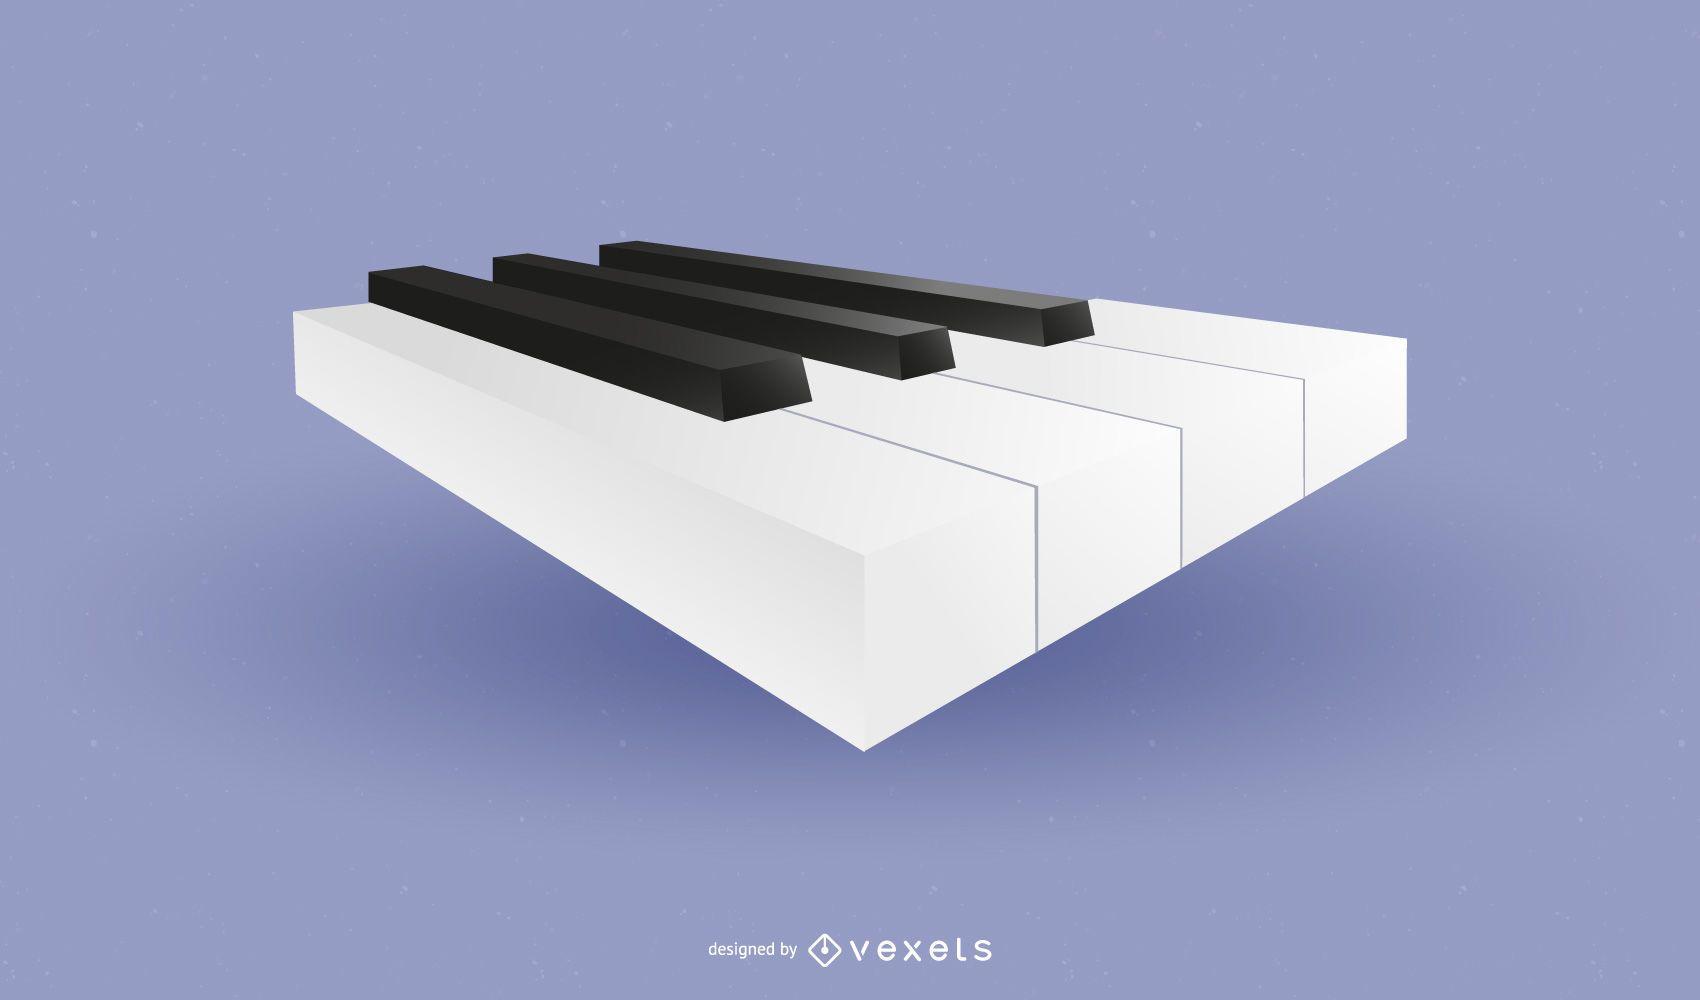 Icono de teclas de piano brillante en 3D